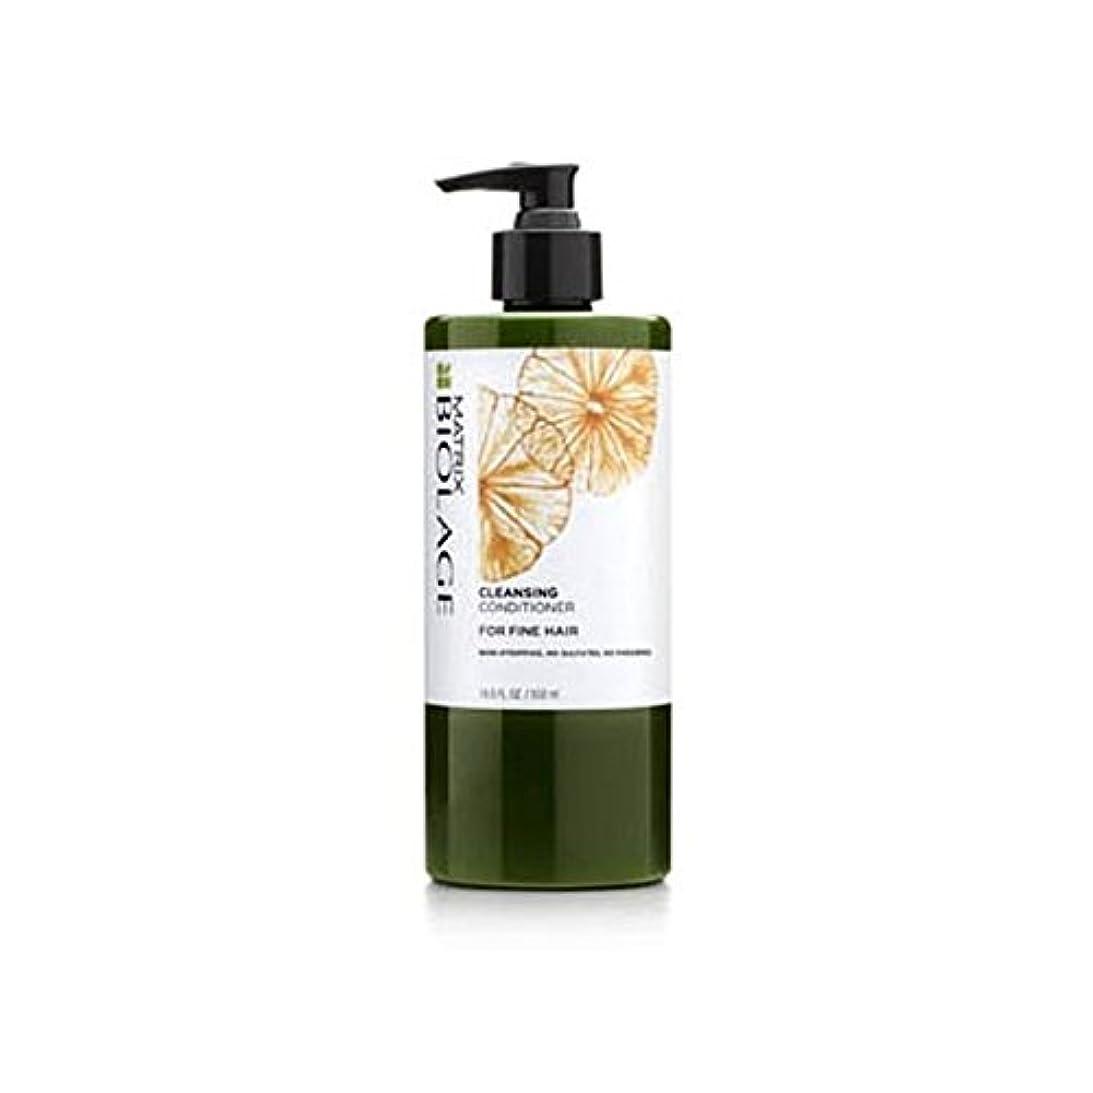 絶え間ない才能のあるレバーMatrix Biolage Cleansing Conditioner - Fine Hair (500ml) (Pack of 6) - マトリックスバイオレイジクレンジングコンディショナー - 細い髪(500ミリリットル...